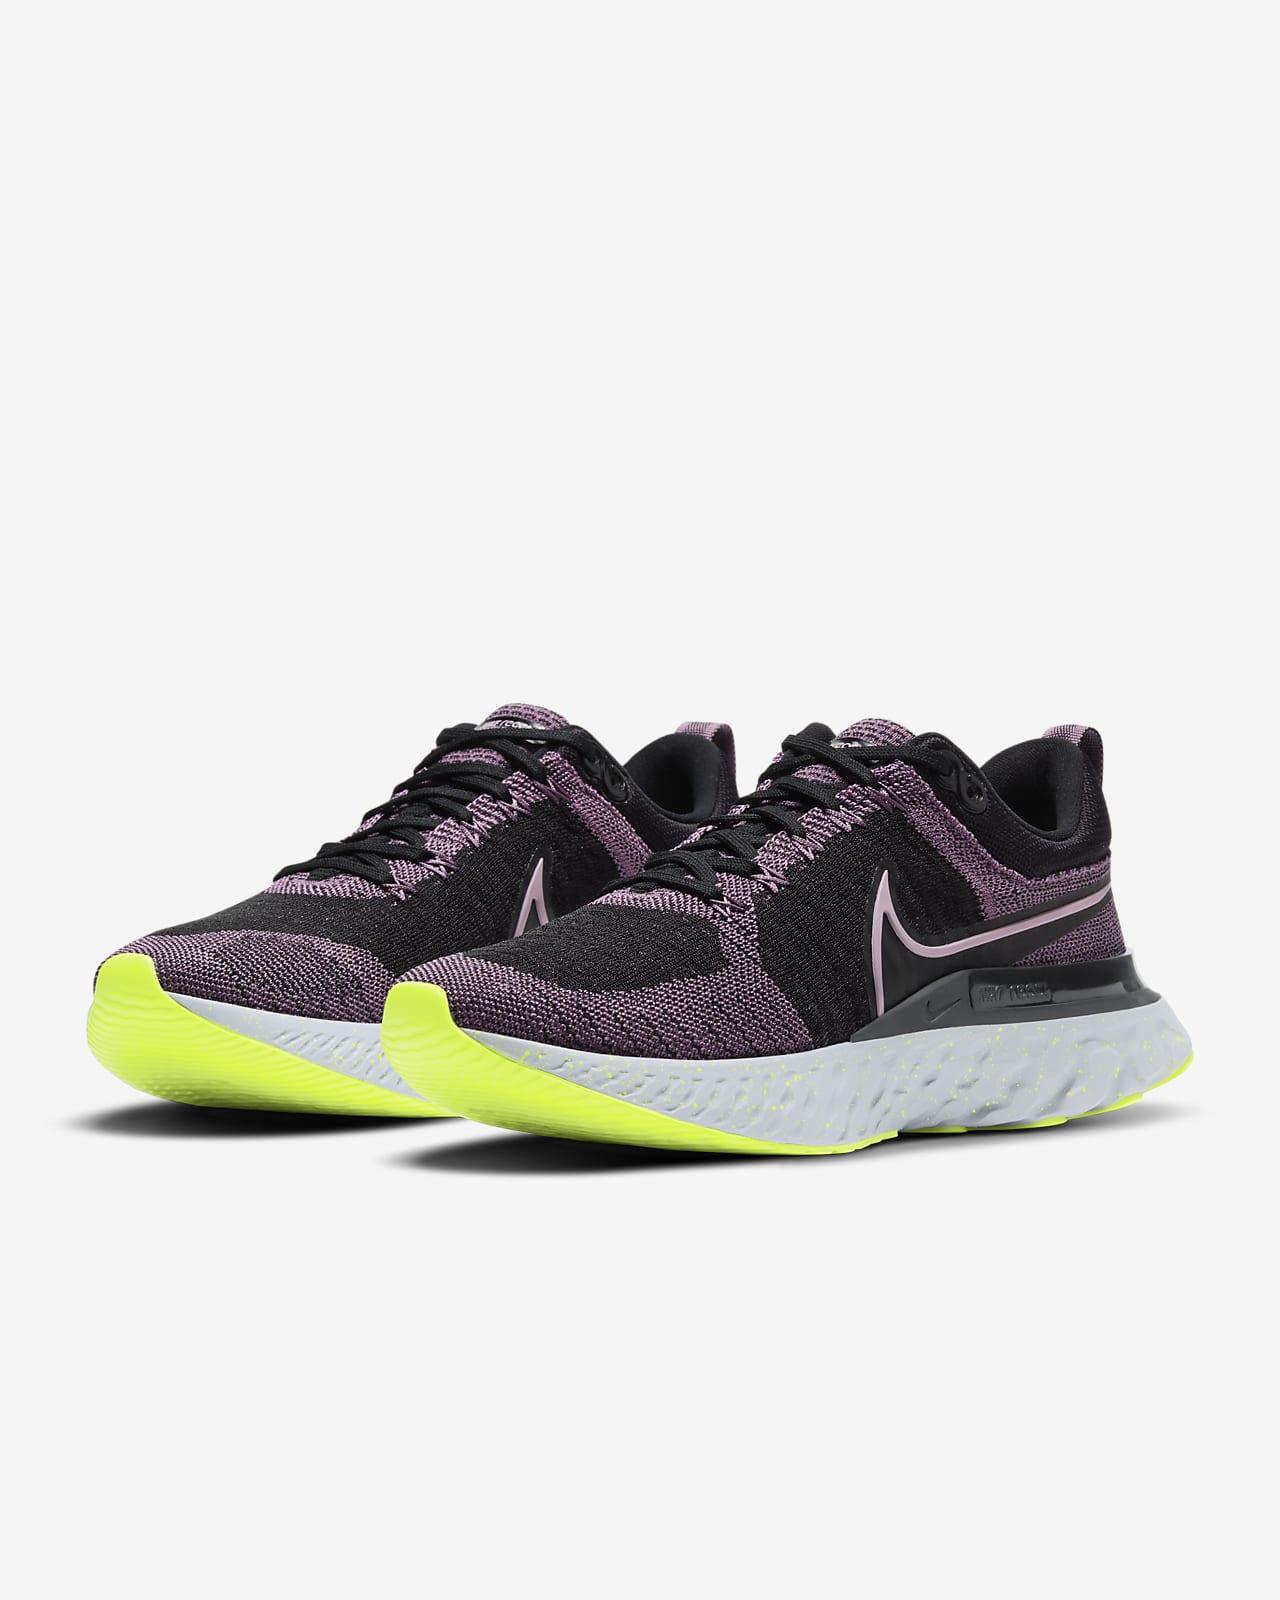 Nike React Infinity Run Flyknit 2 Women's Running Shoes. Nike LU